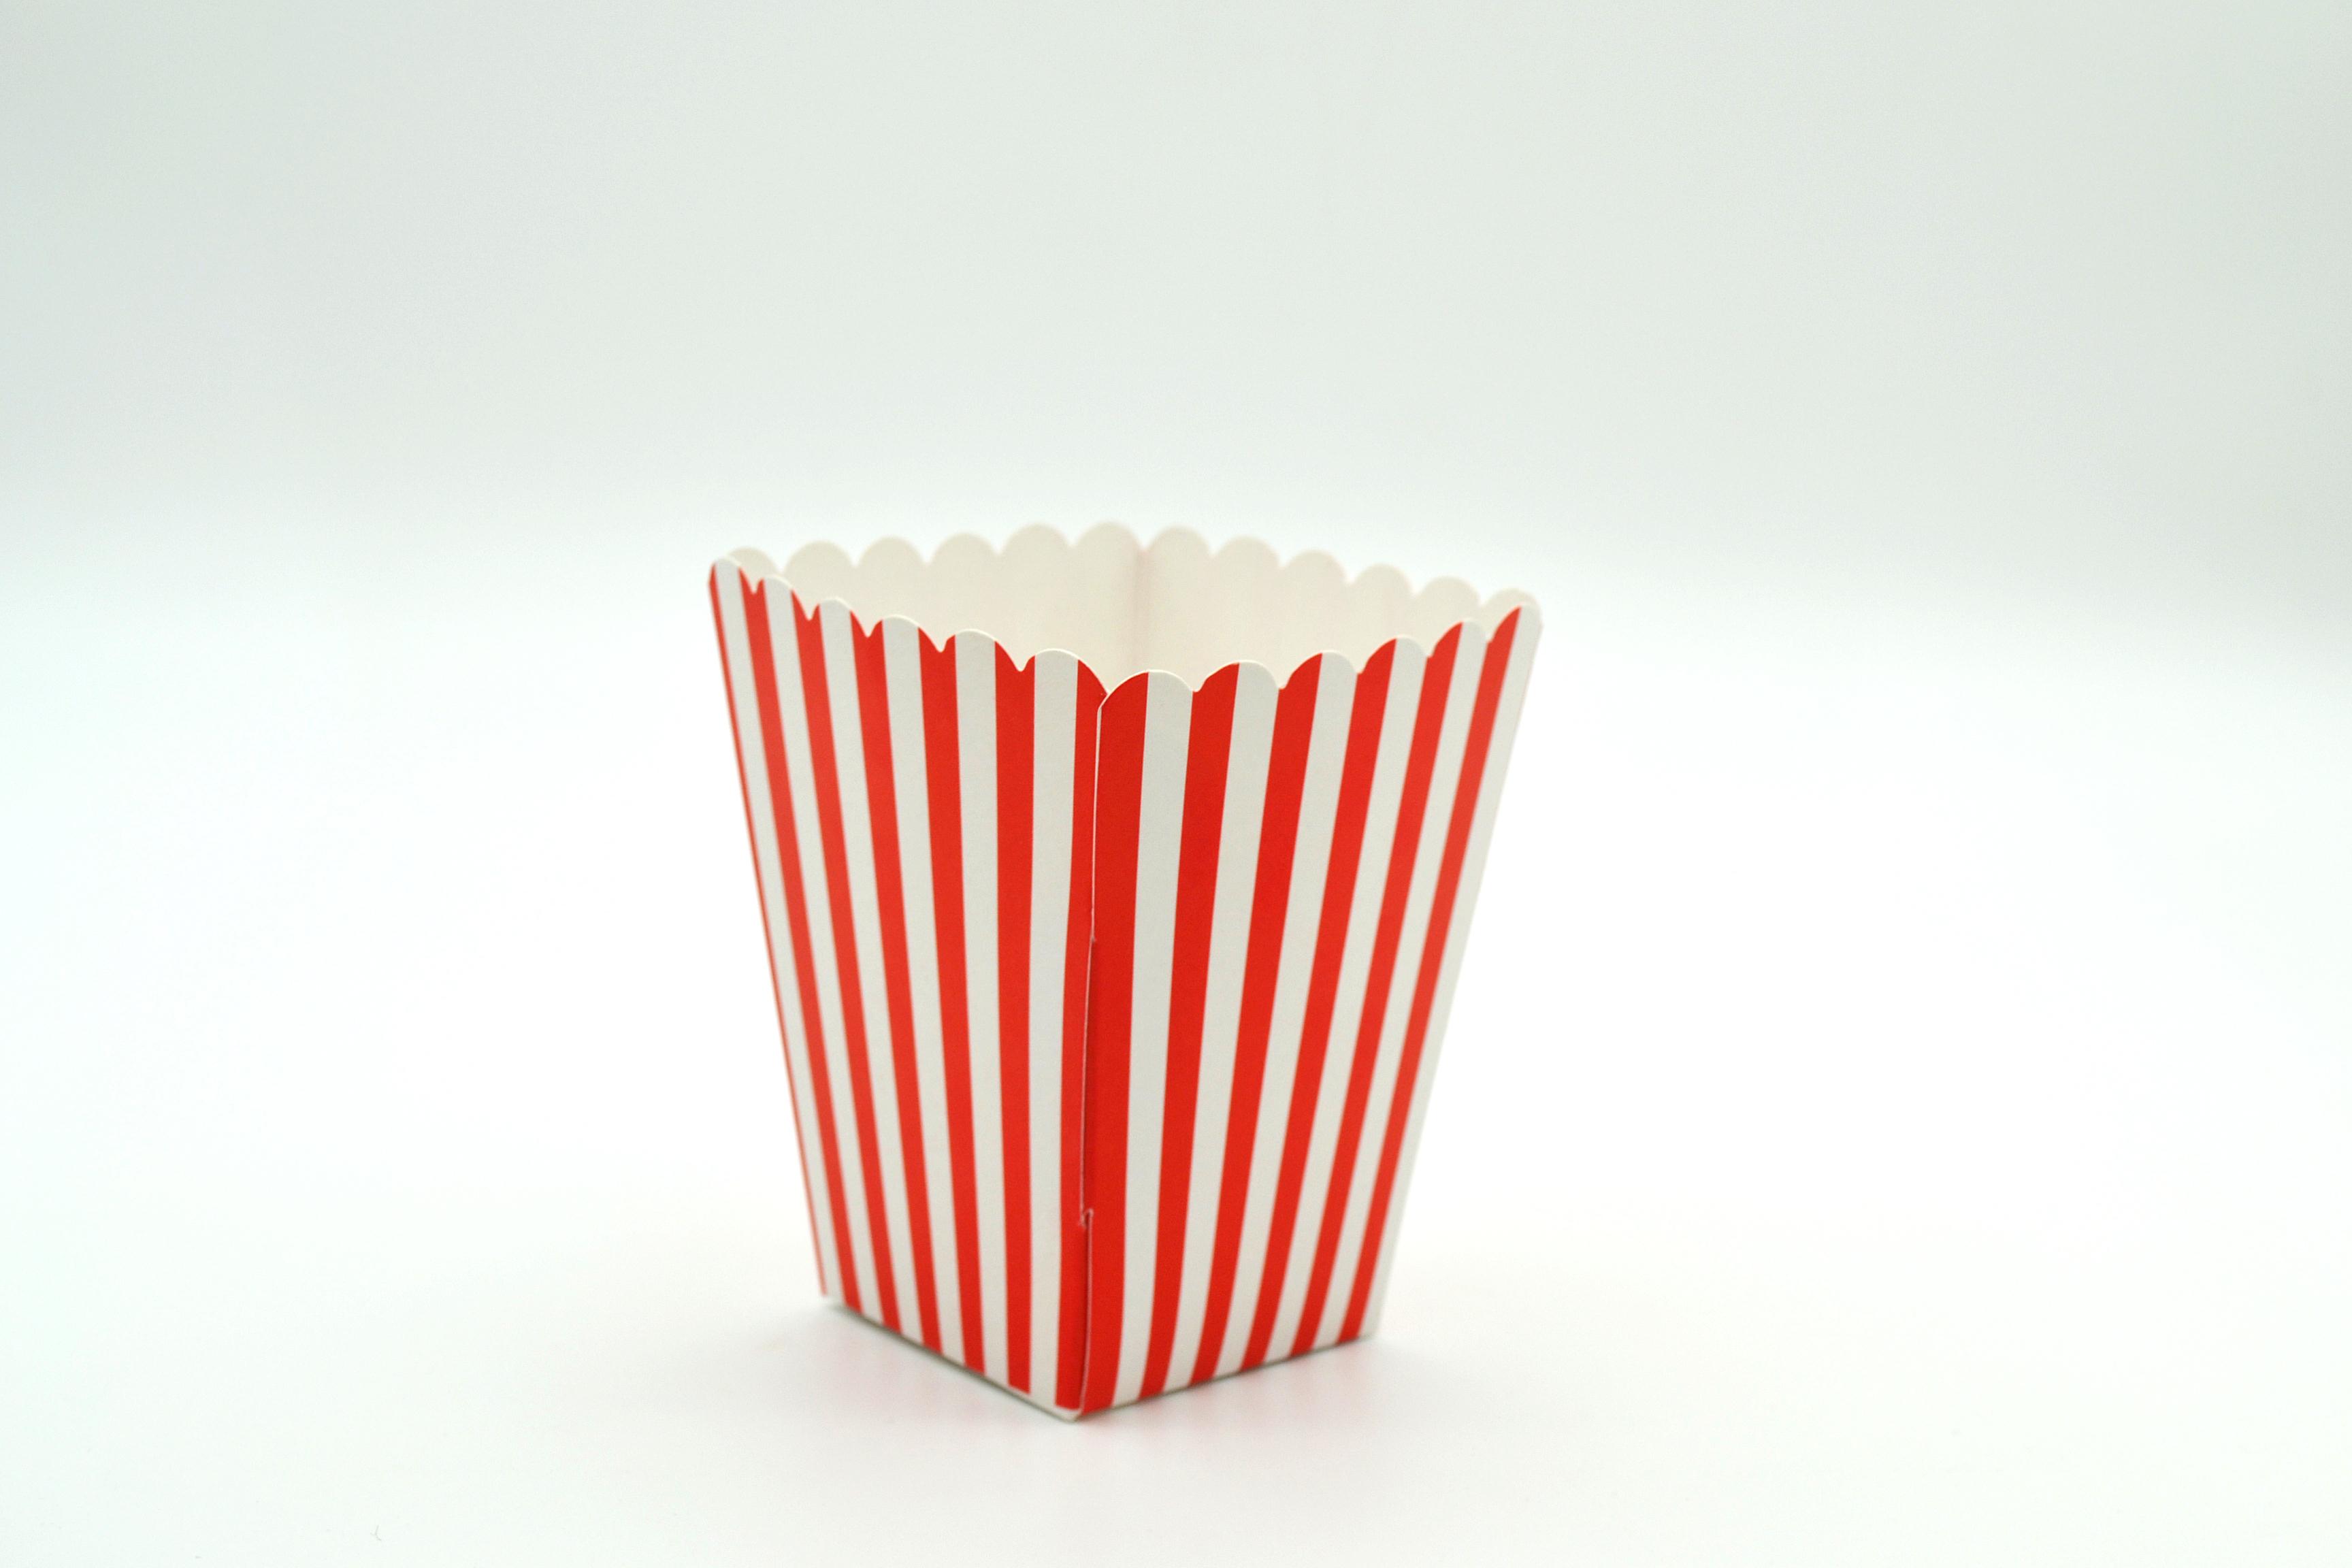 Box Popcorn Mini Red 5 x 5 x 10 cm (each)